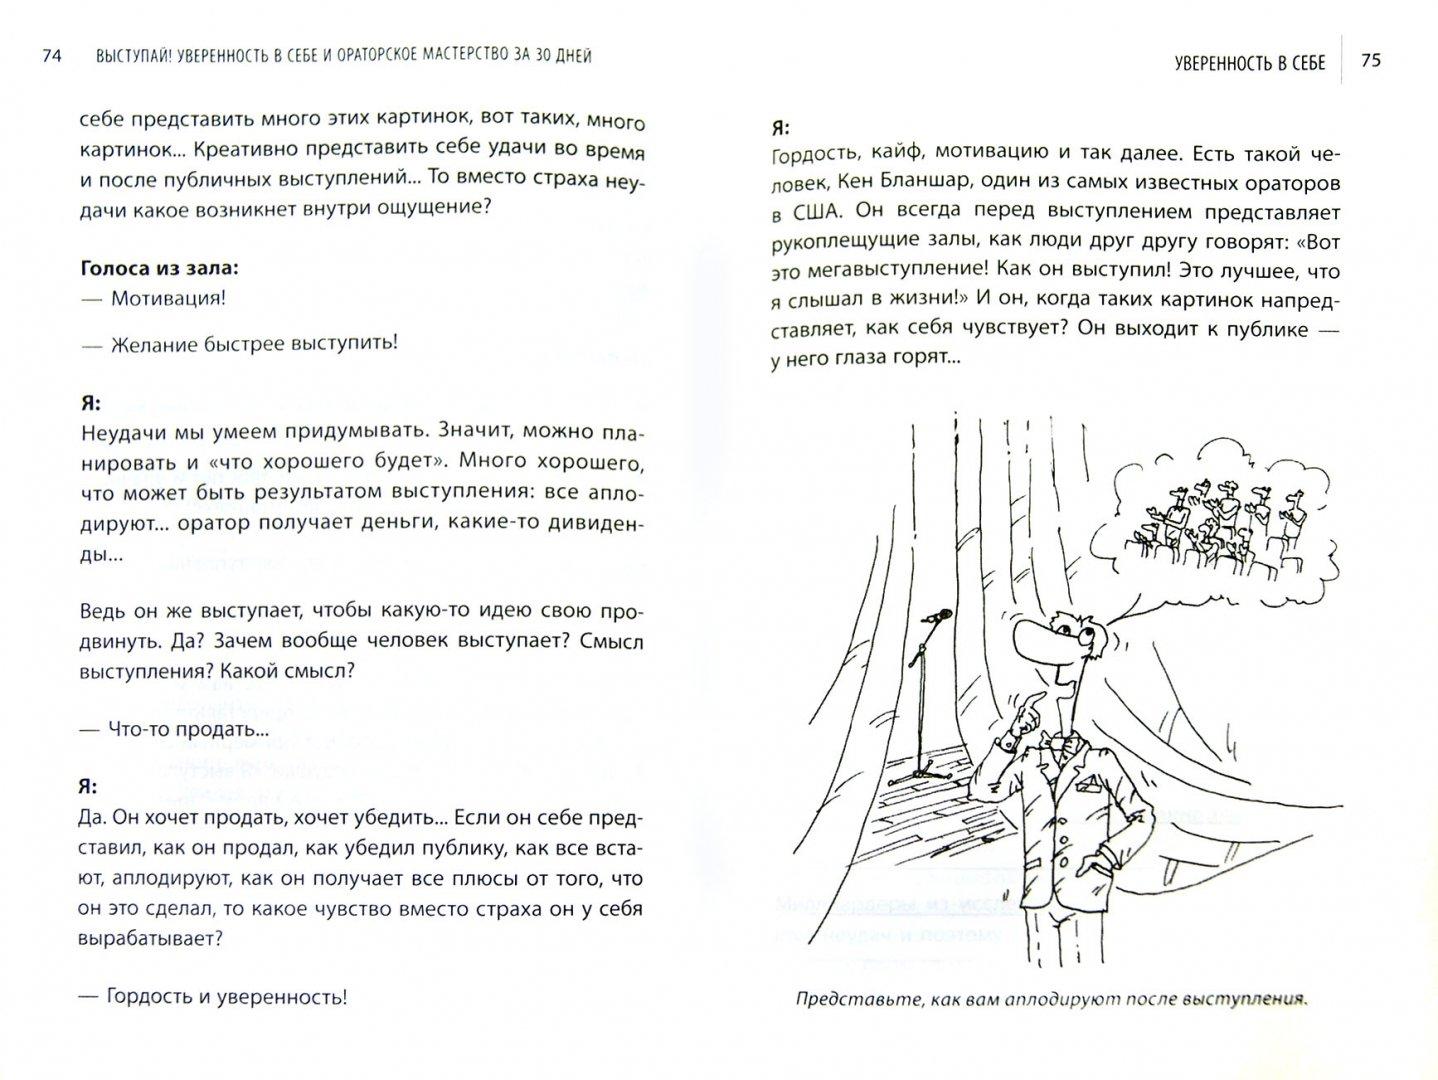 Иллюстрация 1 из 9 для Выступай! Уверенность в себе и ораторское мастерство за 30 дней - Ицхак Пинтосевич   Лабиринт - книги. Источник: Лабиринт